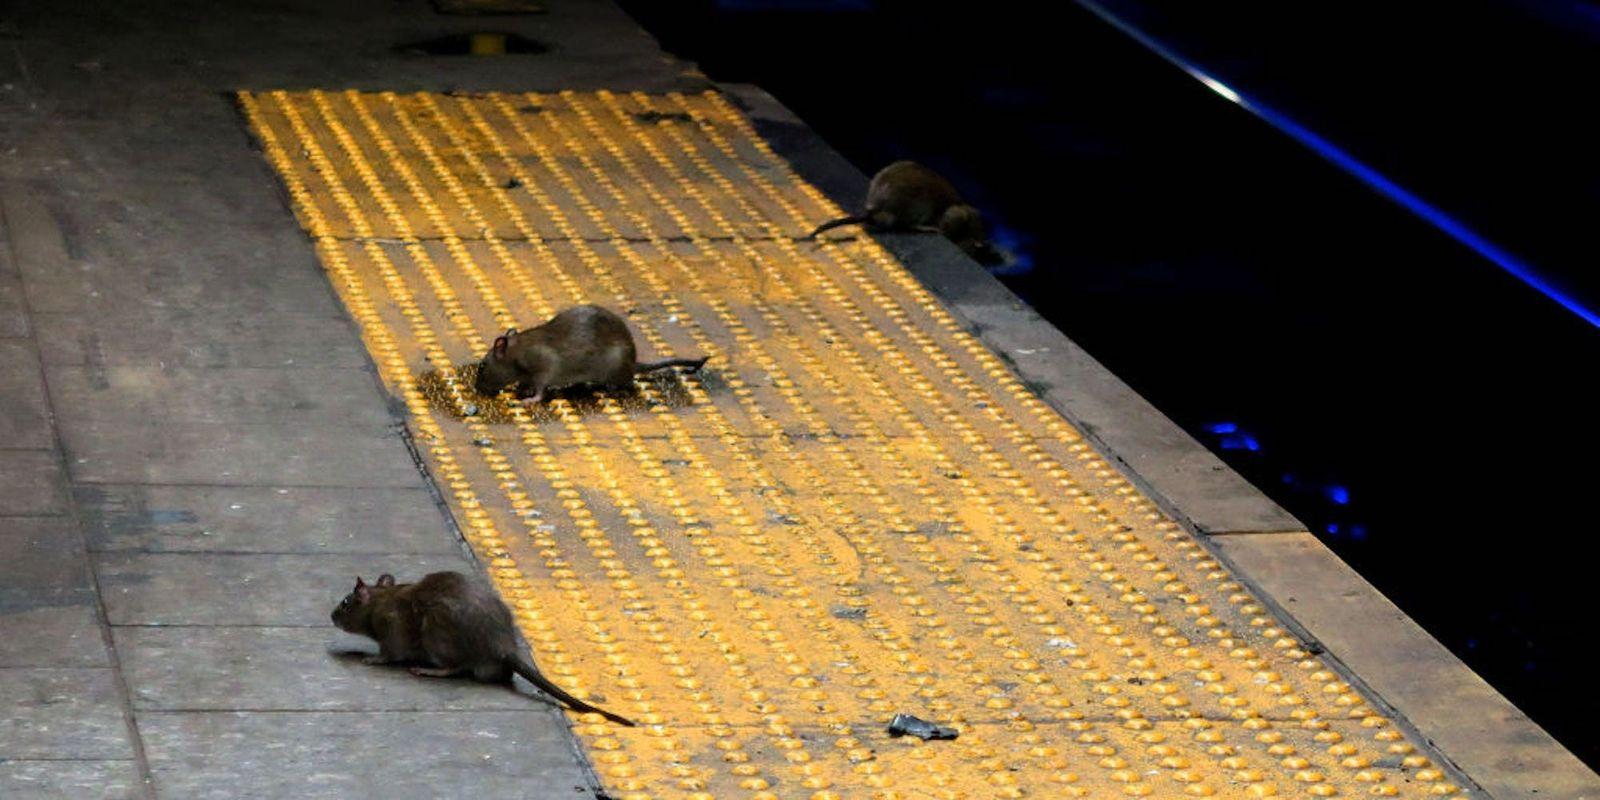 АНУ-ын хотуудад хөл хорионы улмаас хоол хүнсгүй болсон хархнууд бие биеэ барьж идэж байгааг мэдээлжээ